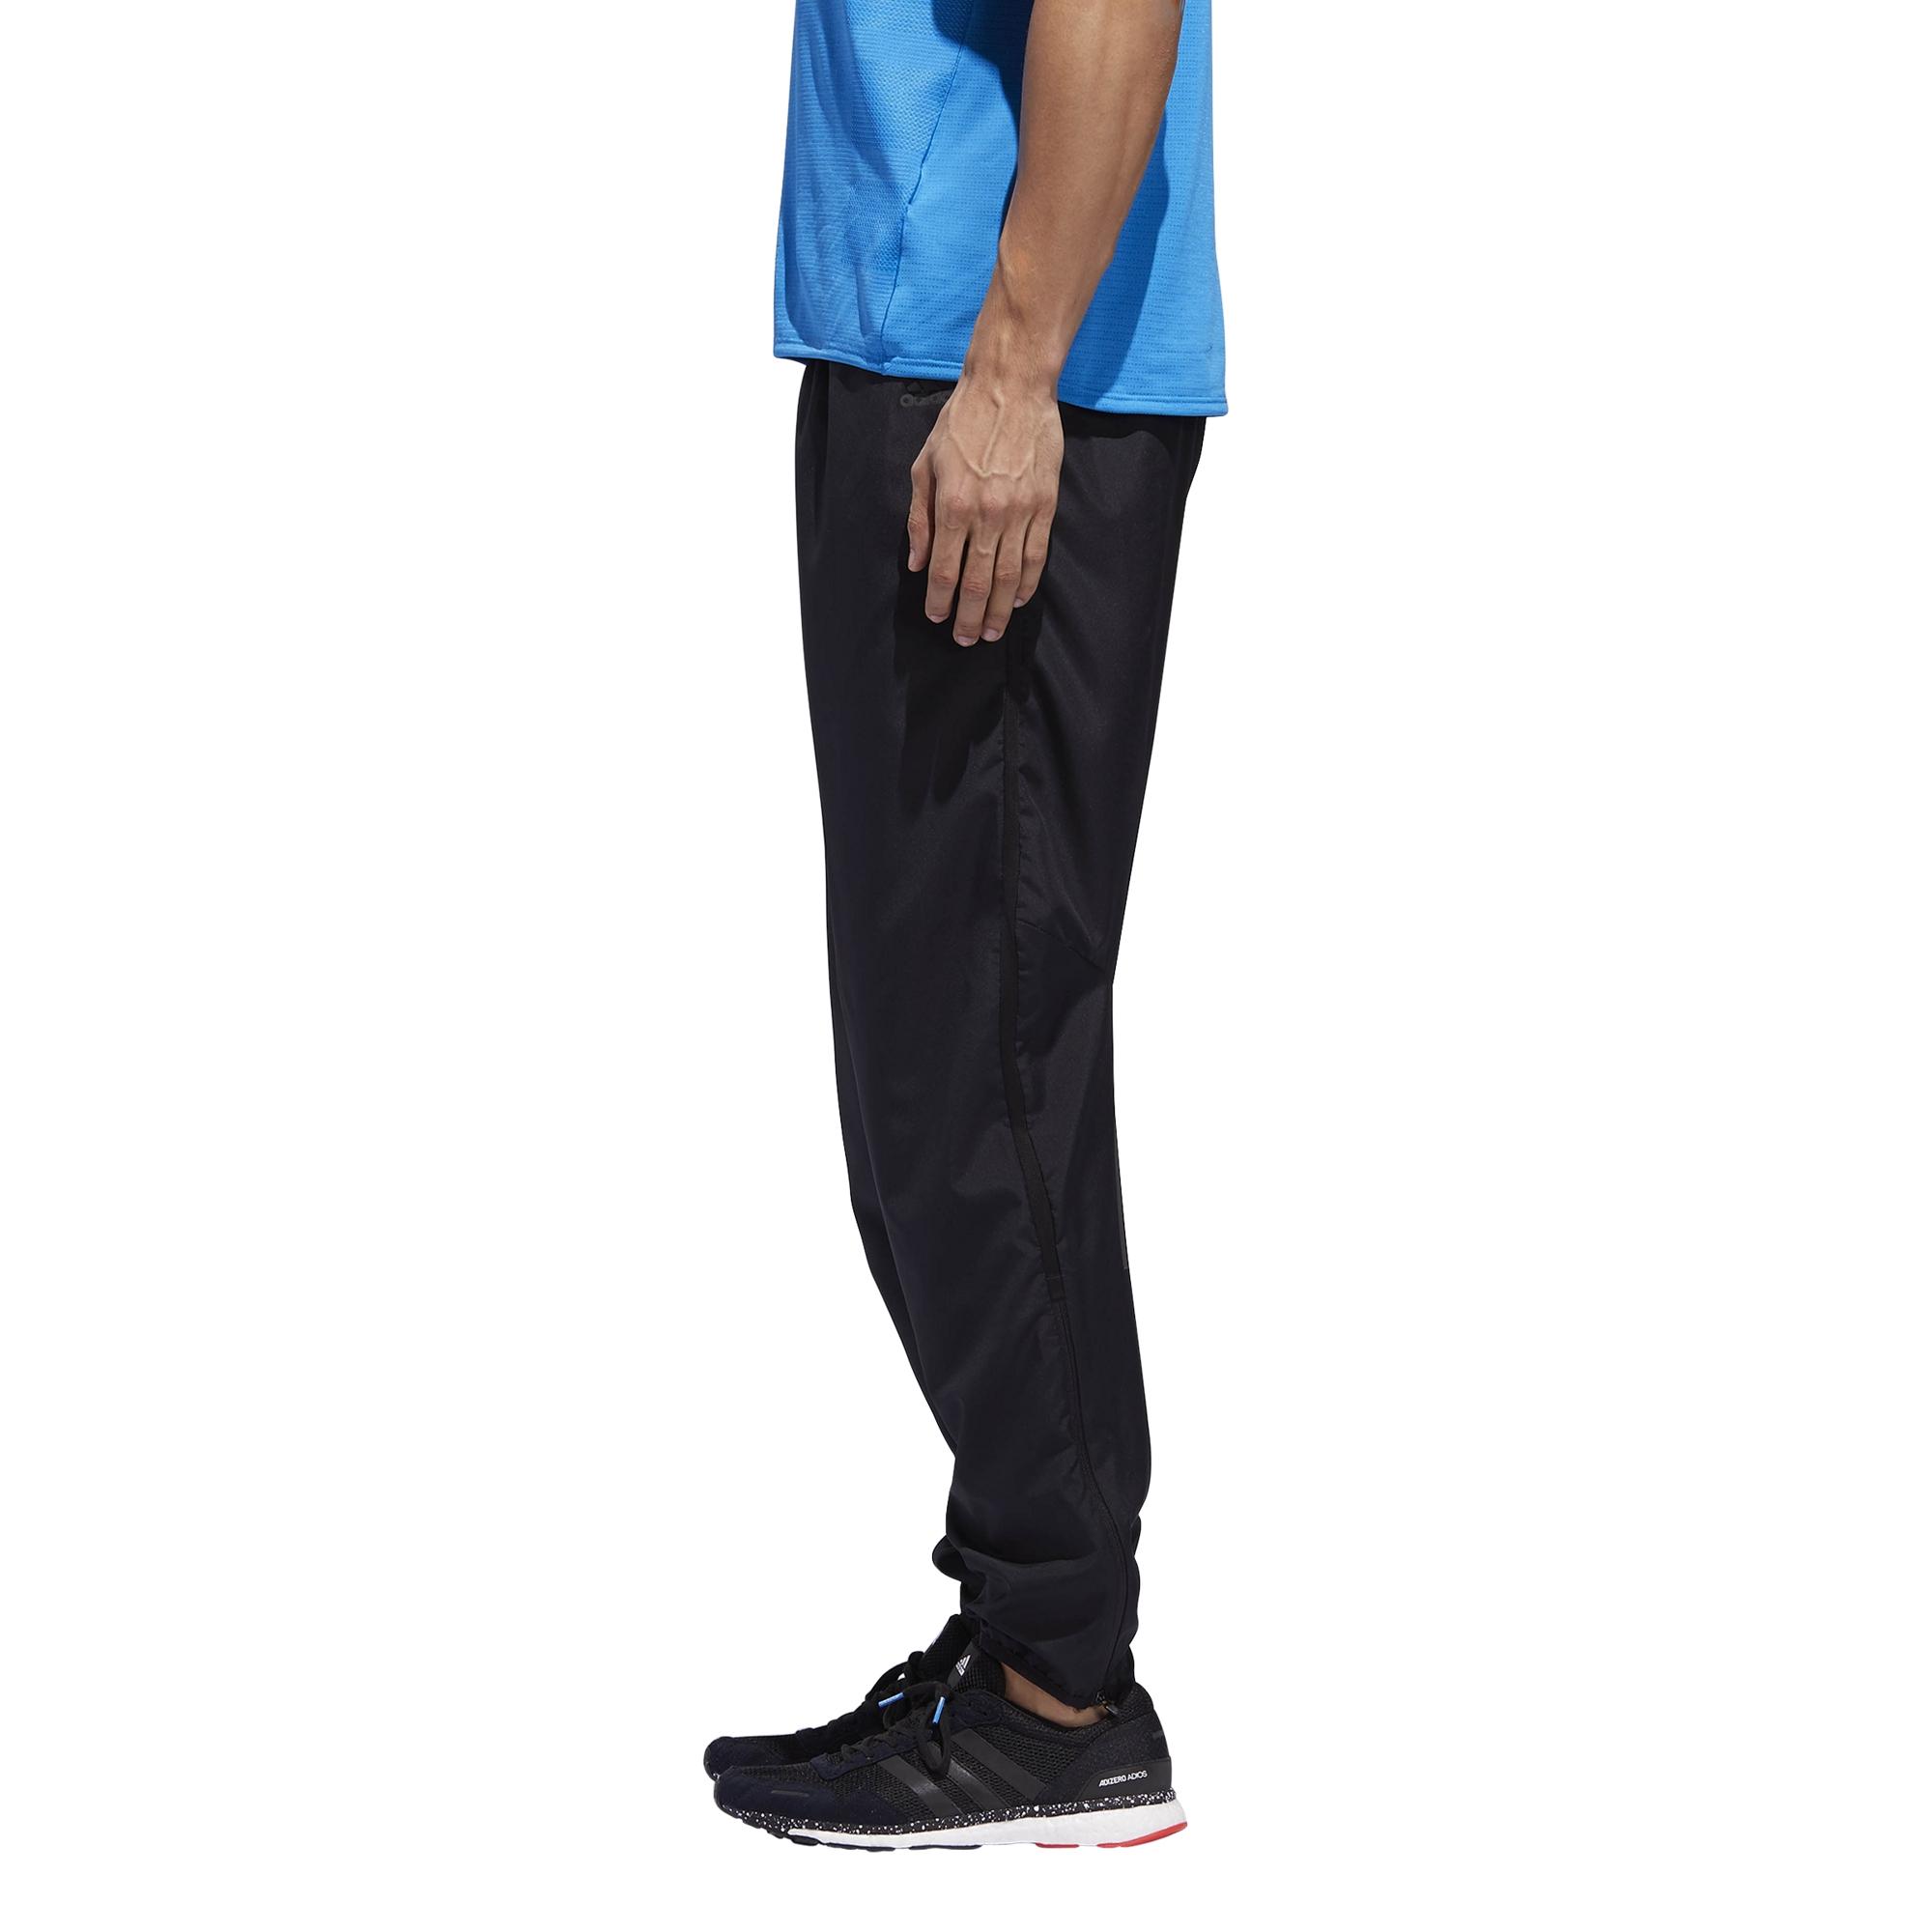 Pantalon Response Adidas Adidas Pantalon Adidas Pantalon Astro Response Astro Astro Response Pantalon BrodxCeW